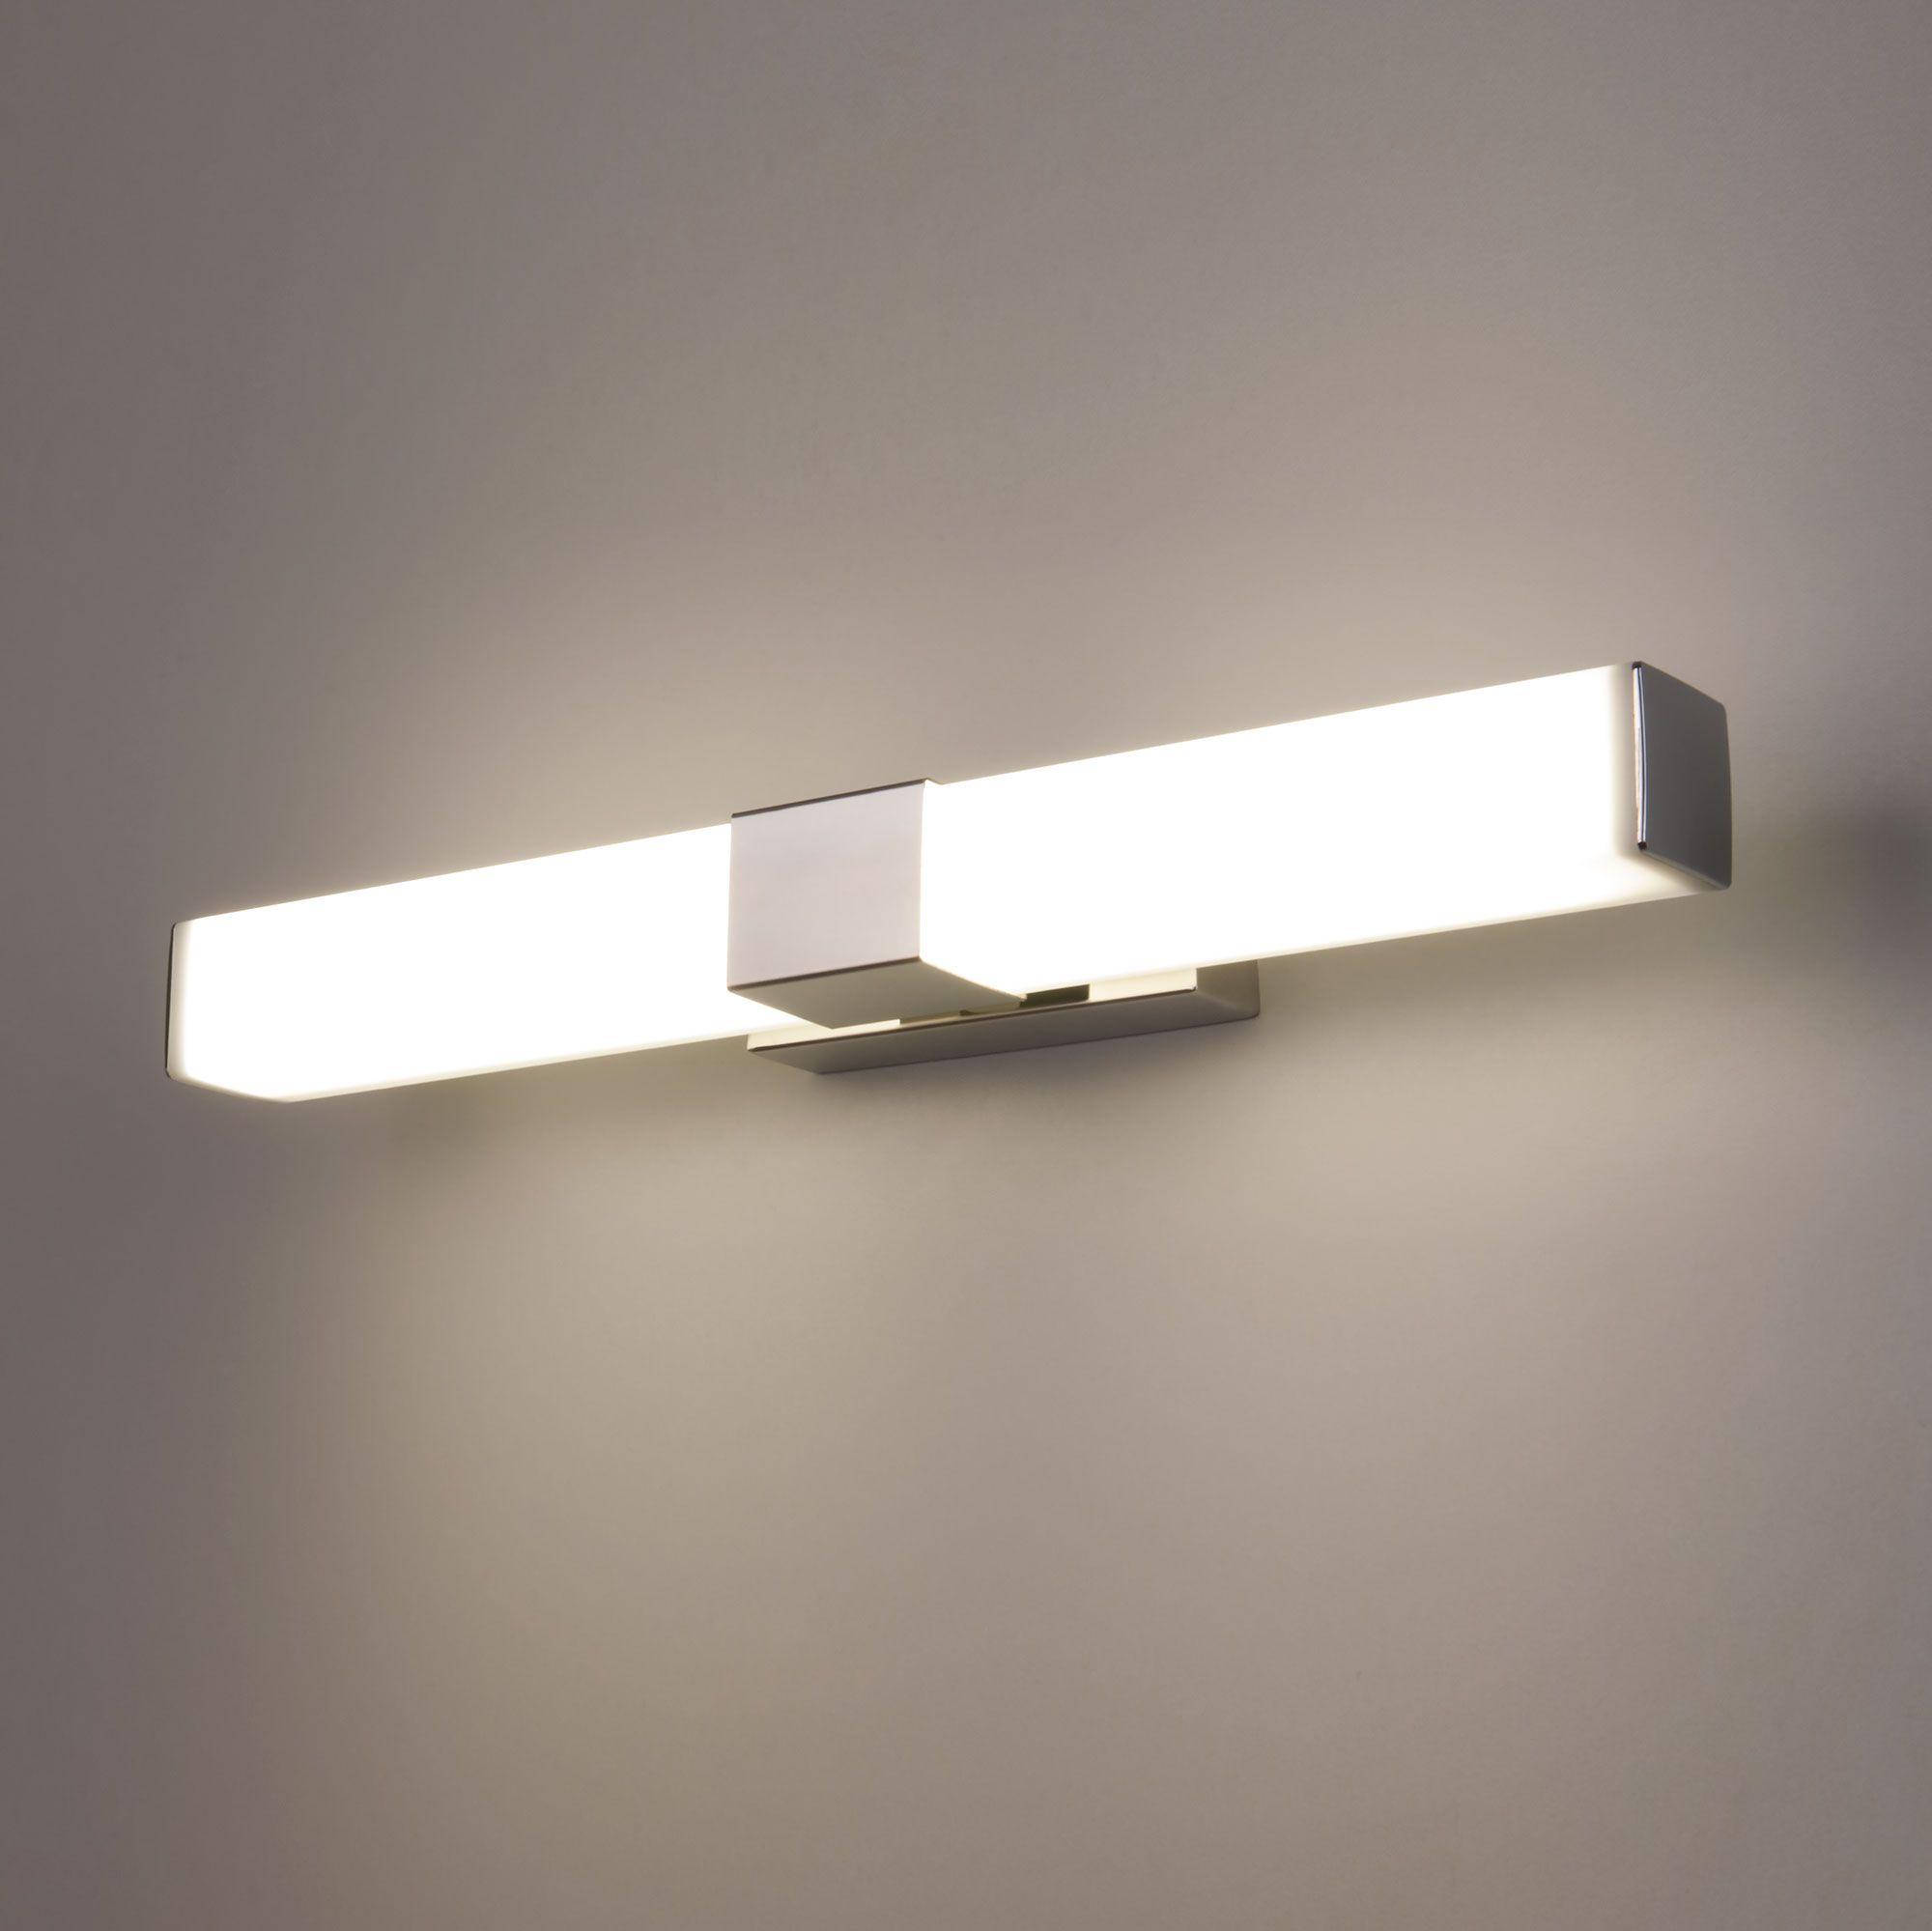 Настенный светодиодный светильник Protera LED хром IP44 Protera LED хром (MRL LED 1008)